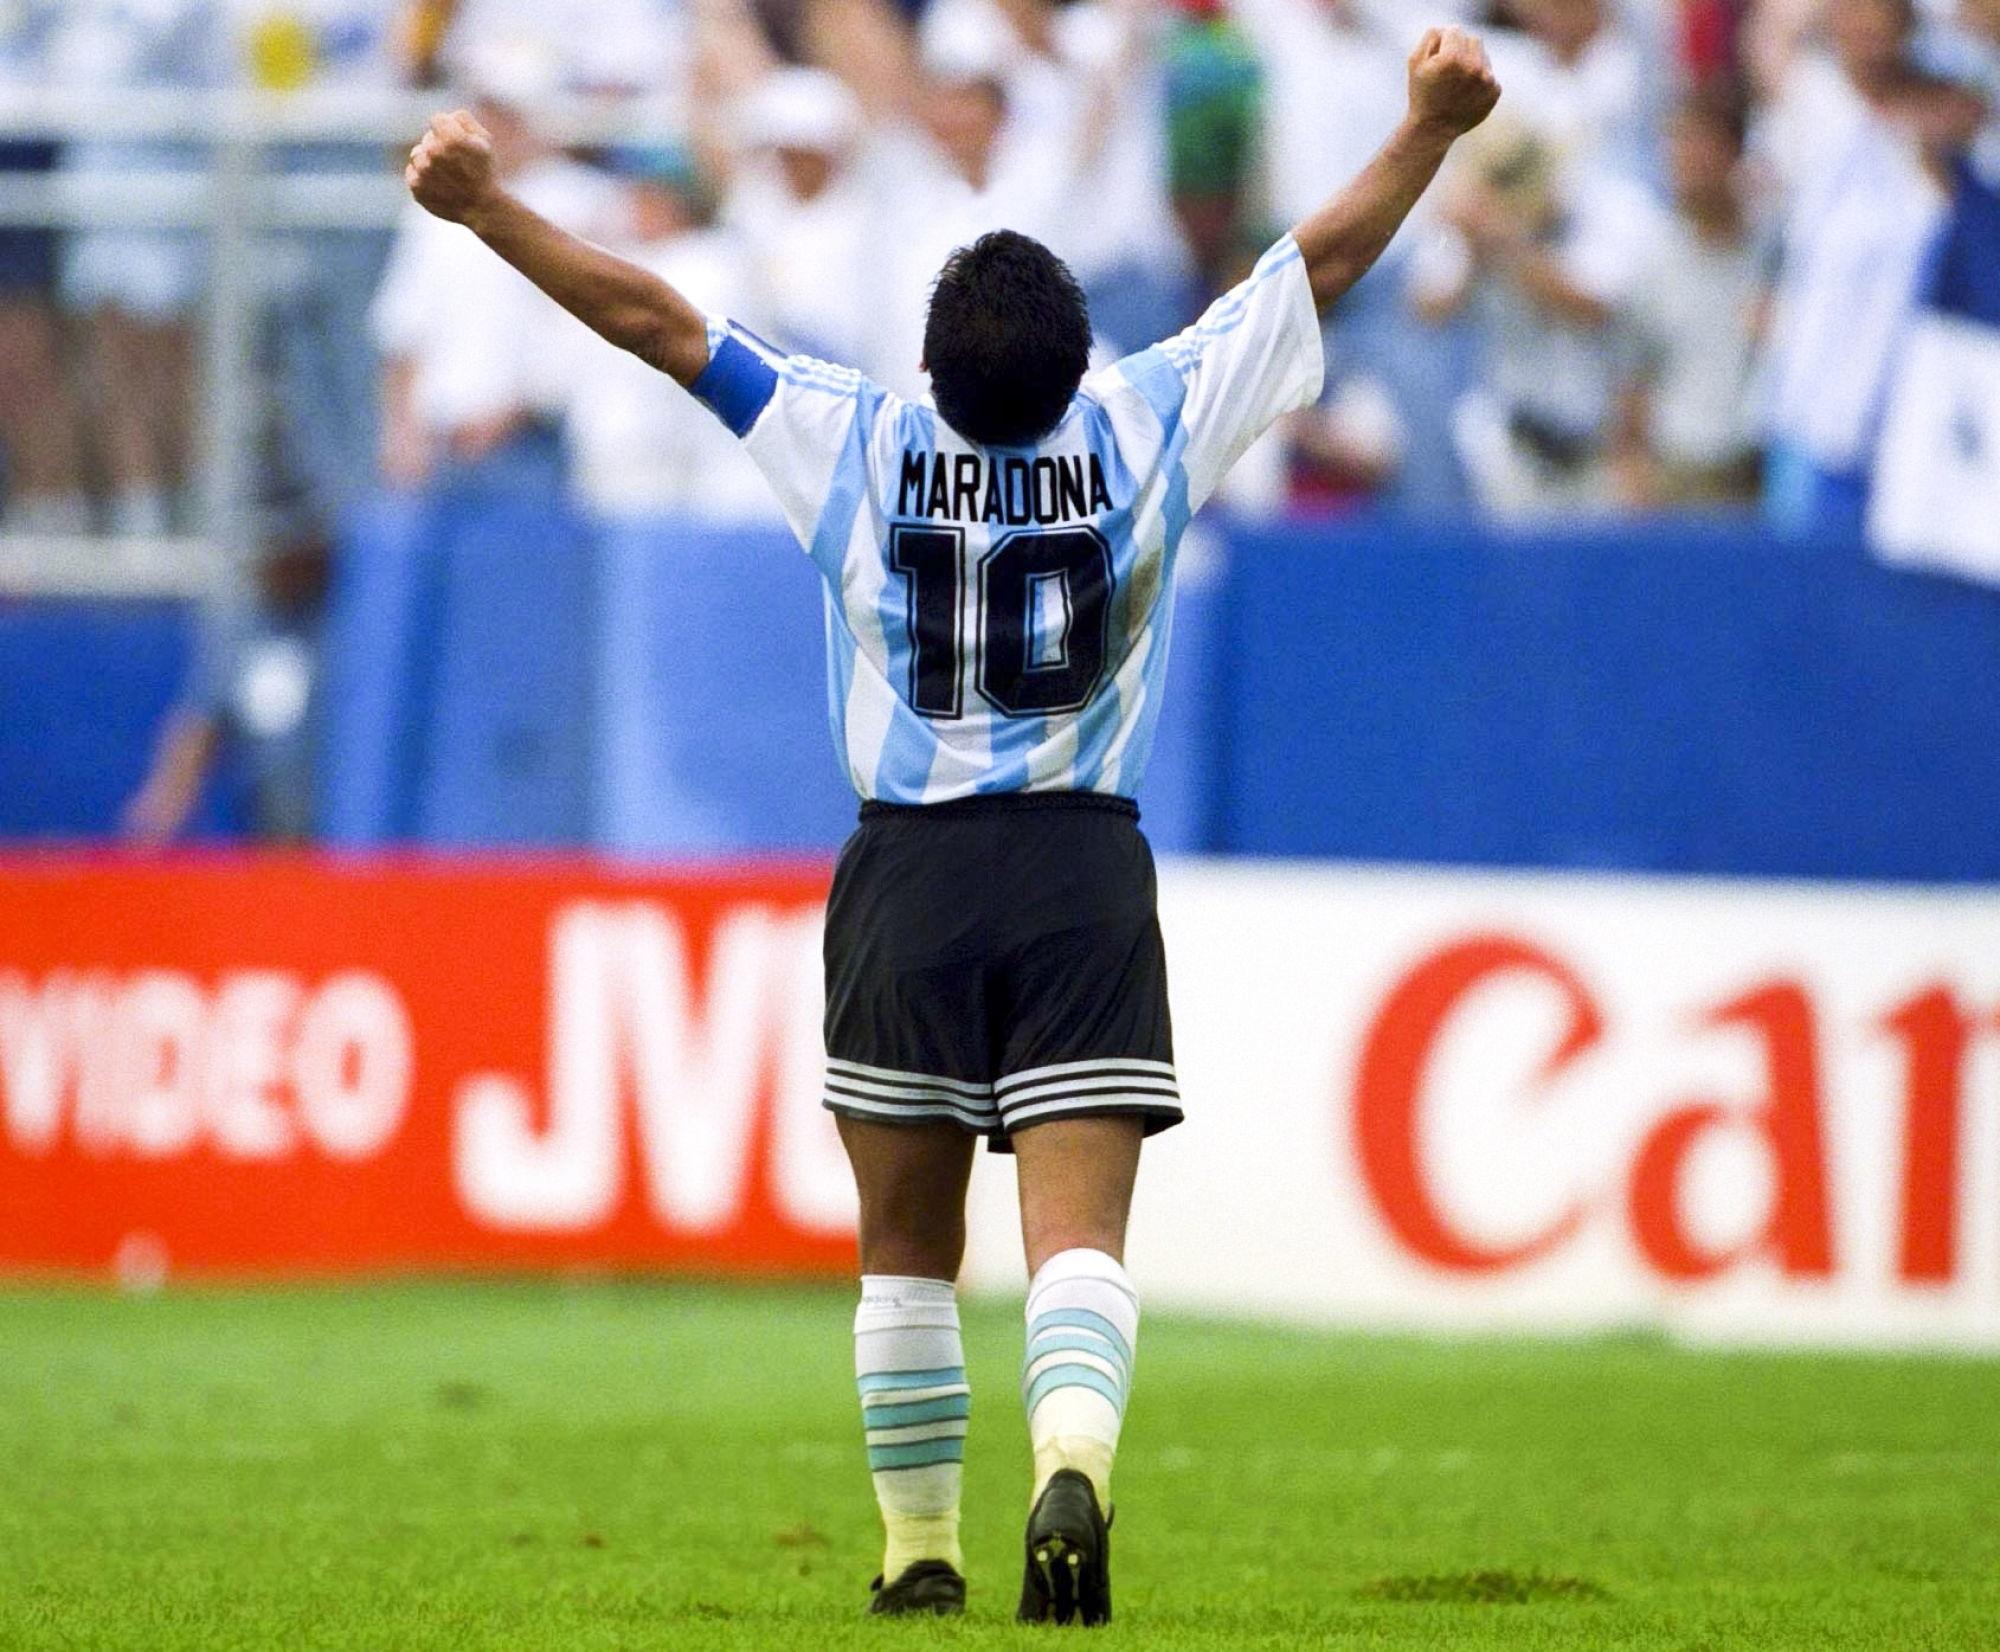 Officiel - Il y aura des hommages à Maradona en Ligue 1 et Ligue 2 ce weekend